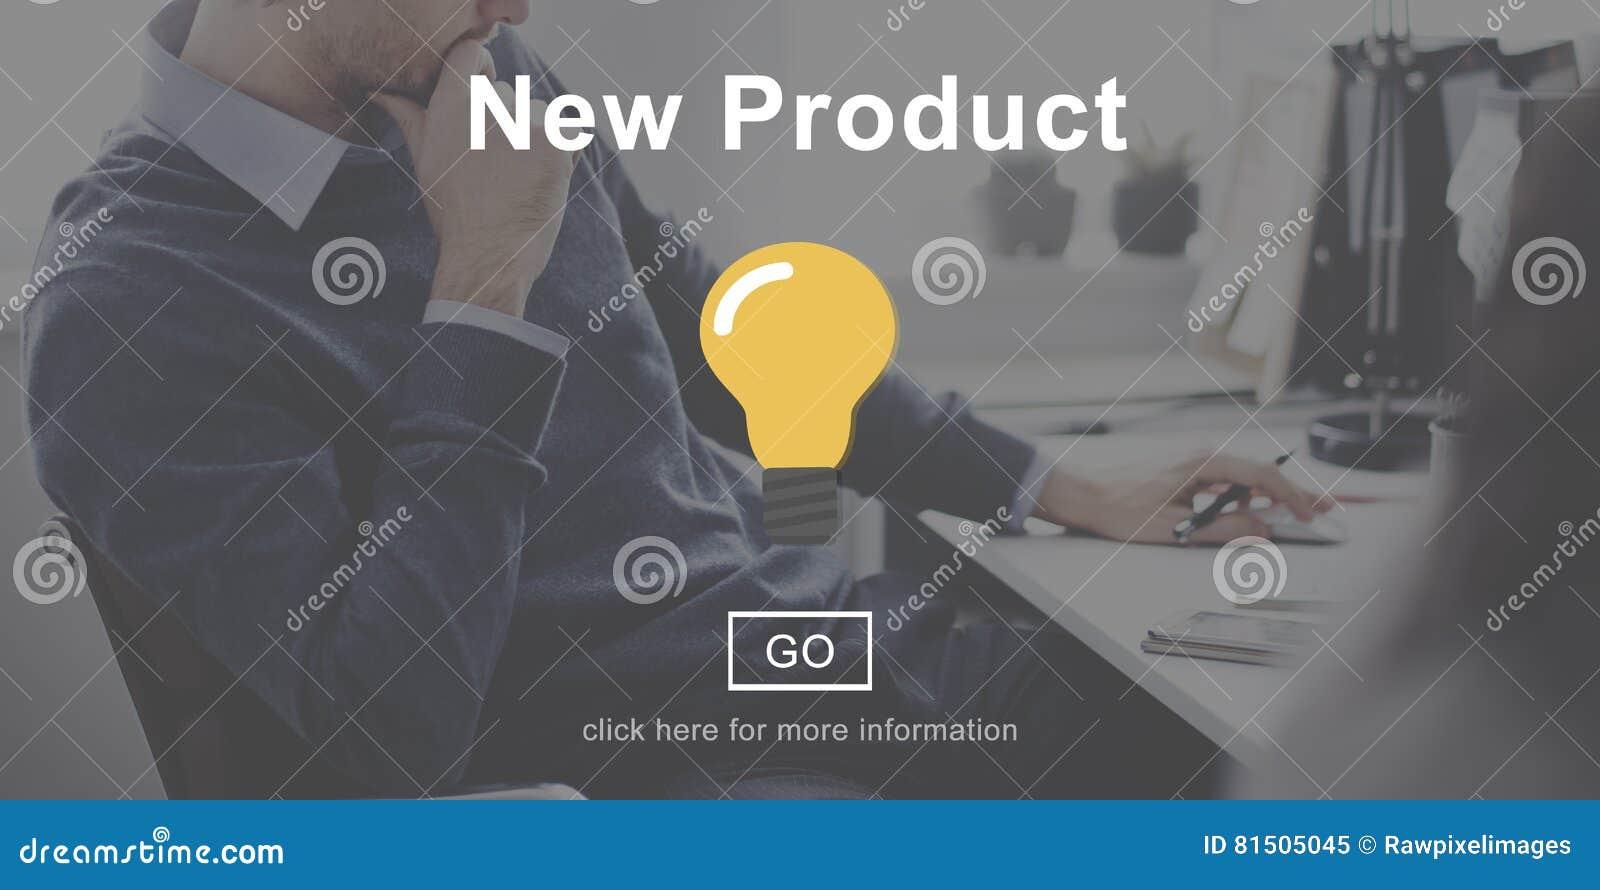 Concetto moderno corrente di sviluppo di nuovo prodotto